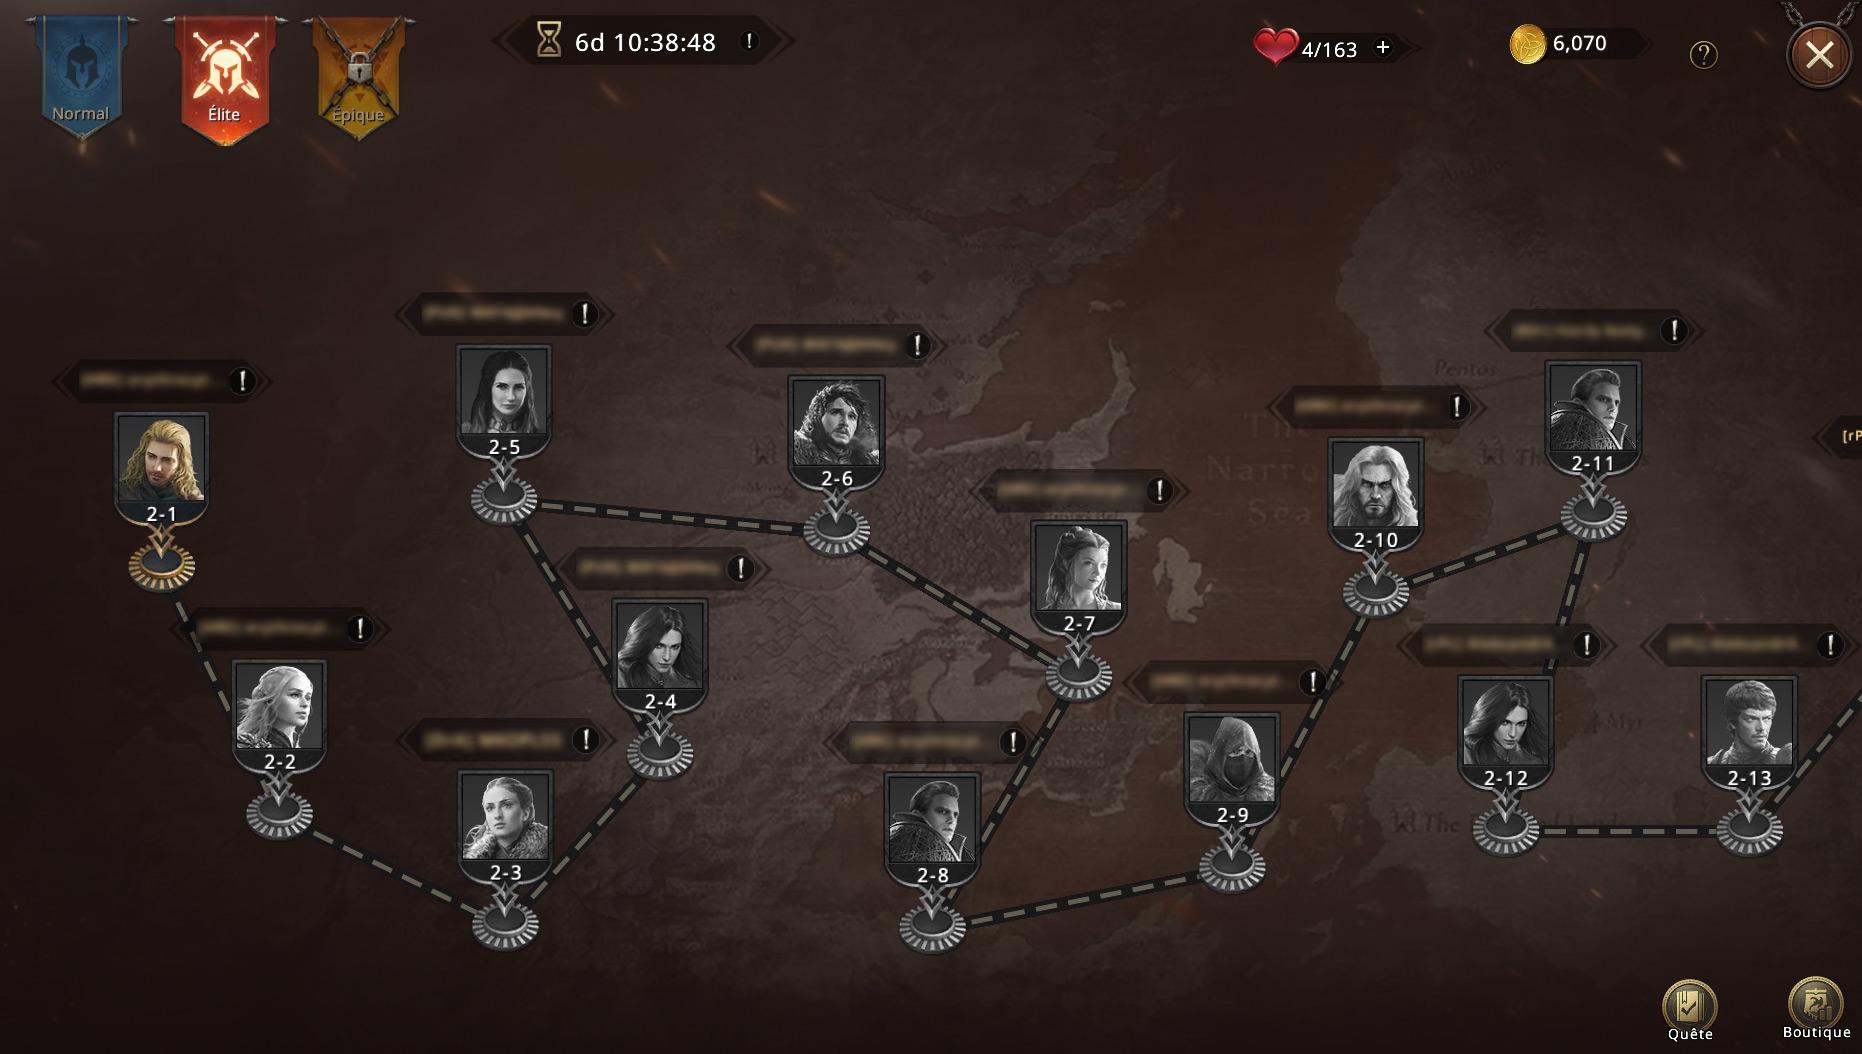 Map du niveau élite